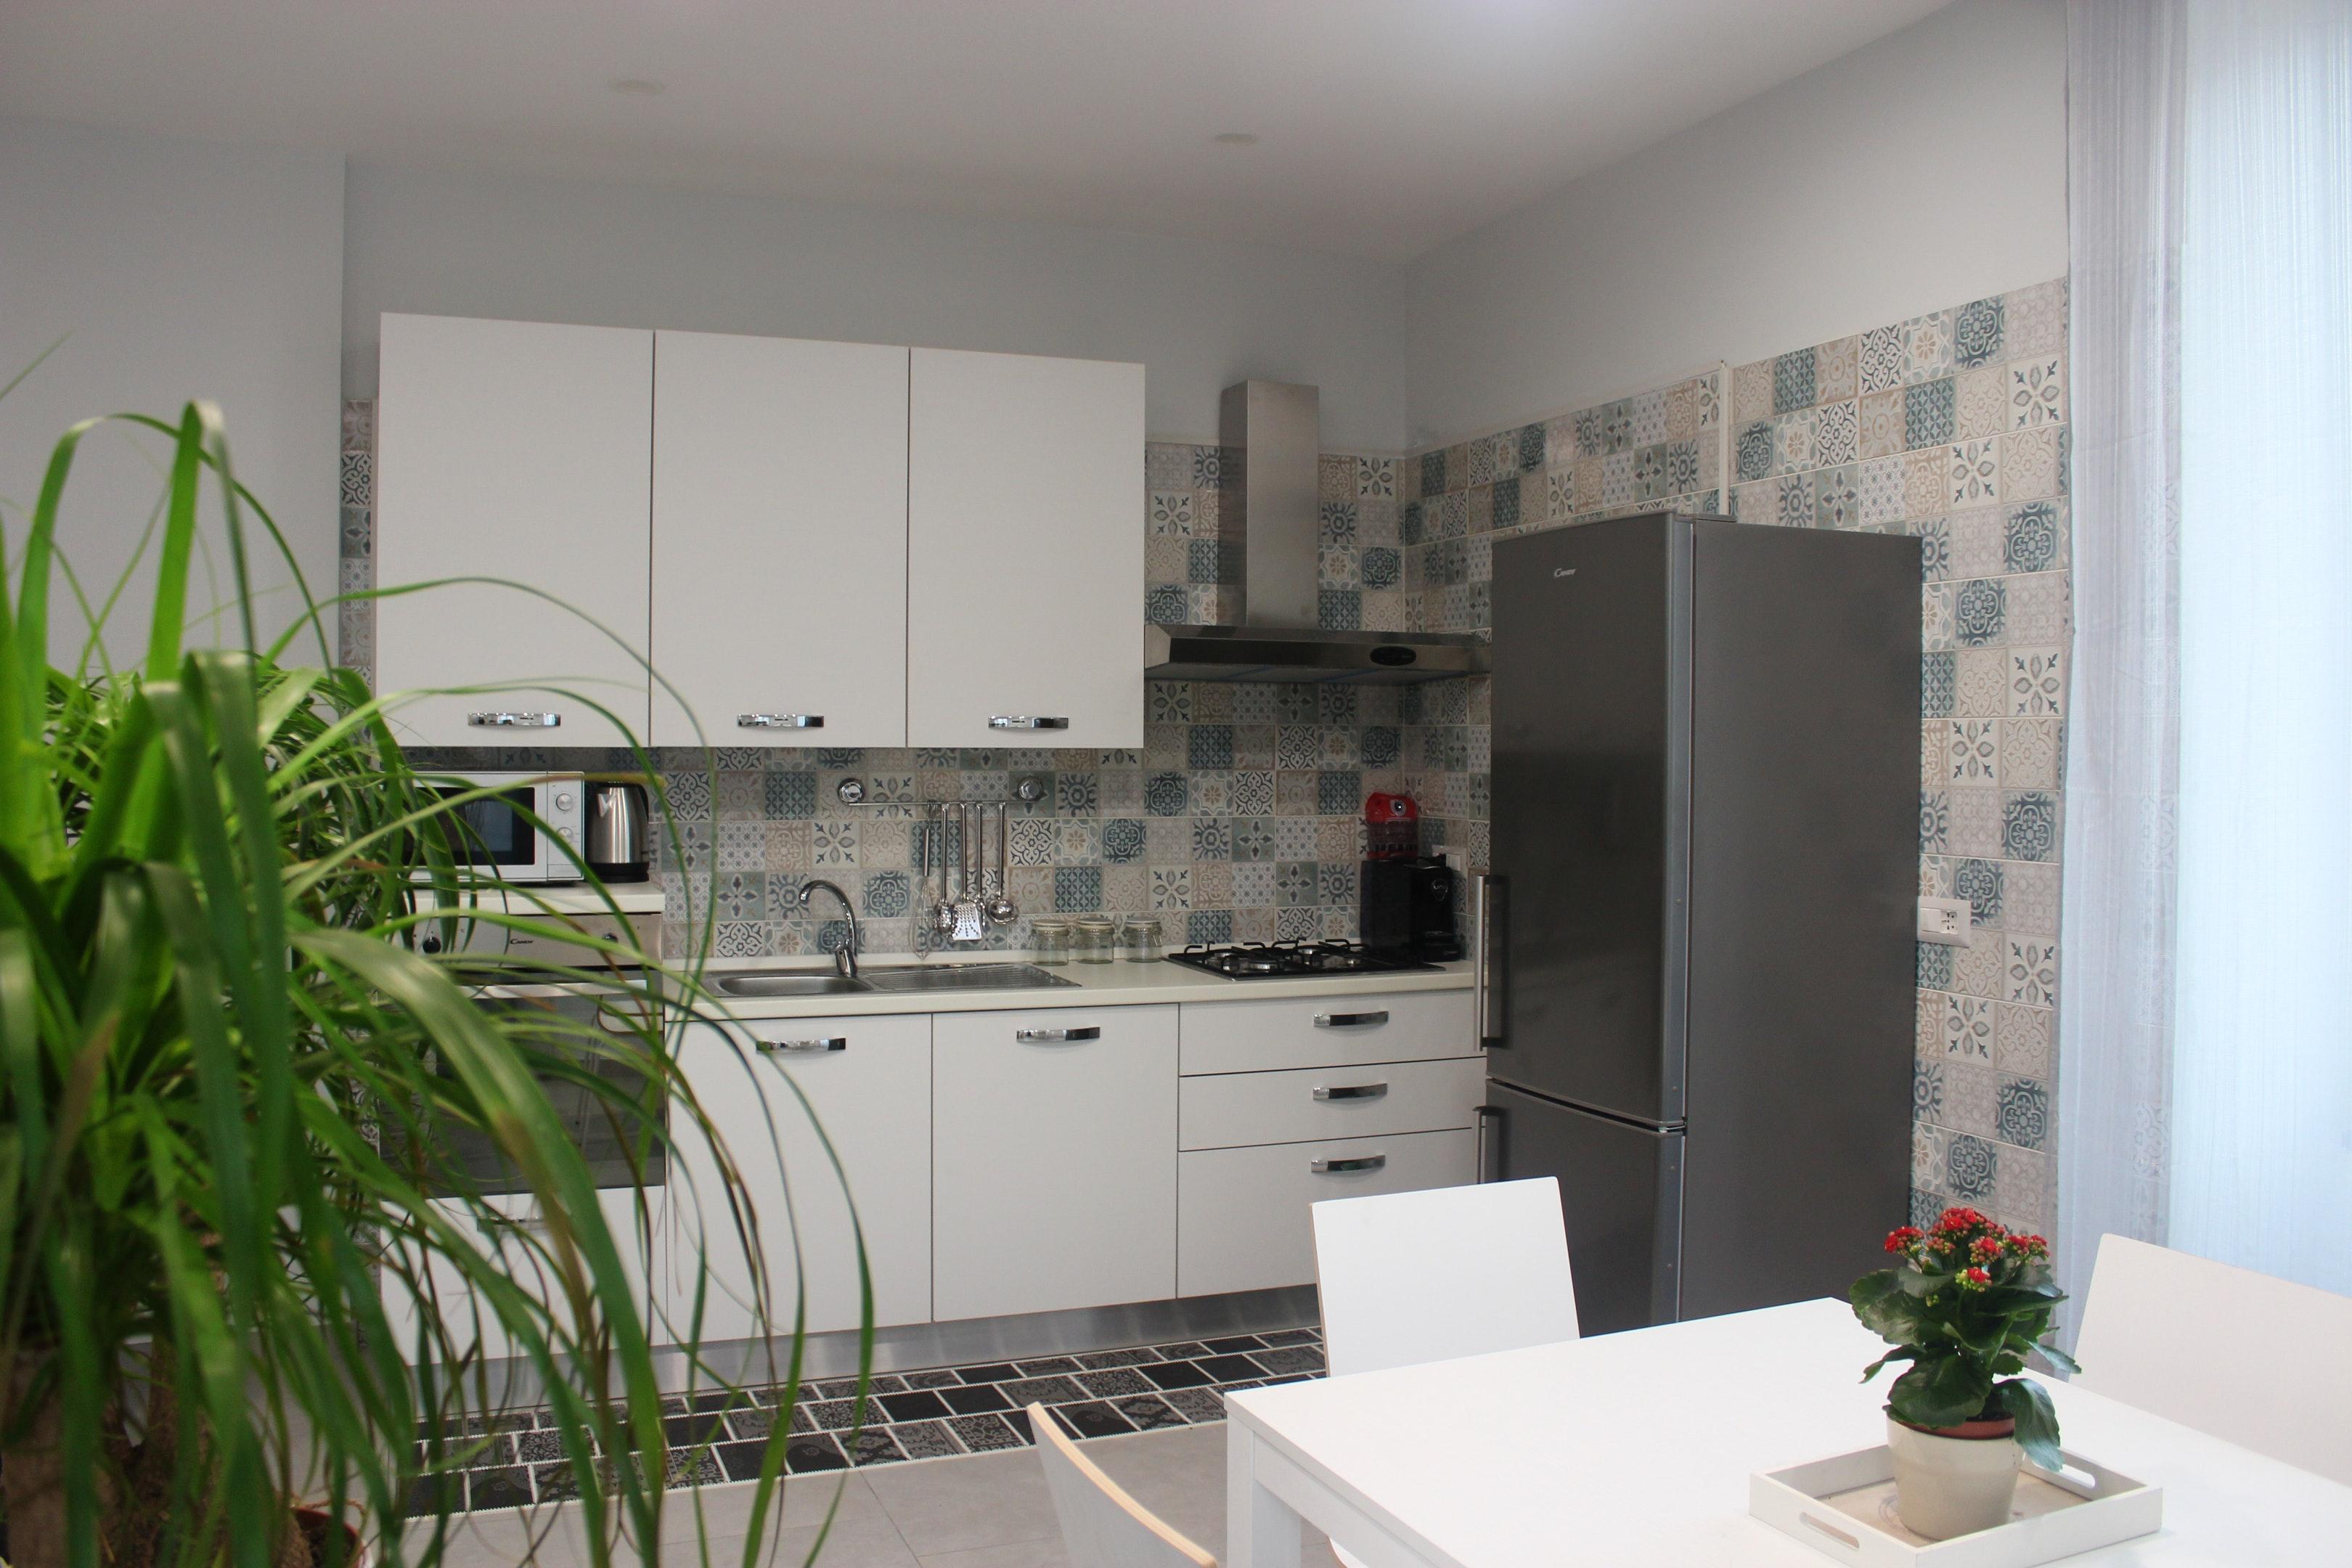 Ferienwohnung Wohnung mit einem Schlafzimmer in Sant'Agnello mit schöner Aussicht auf die Stadt, möblier (2791793), Sant'Agnello, Amalfiküste, Kampanien, Italien, Bild 19